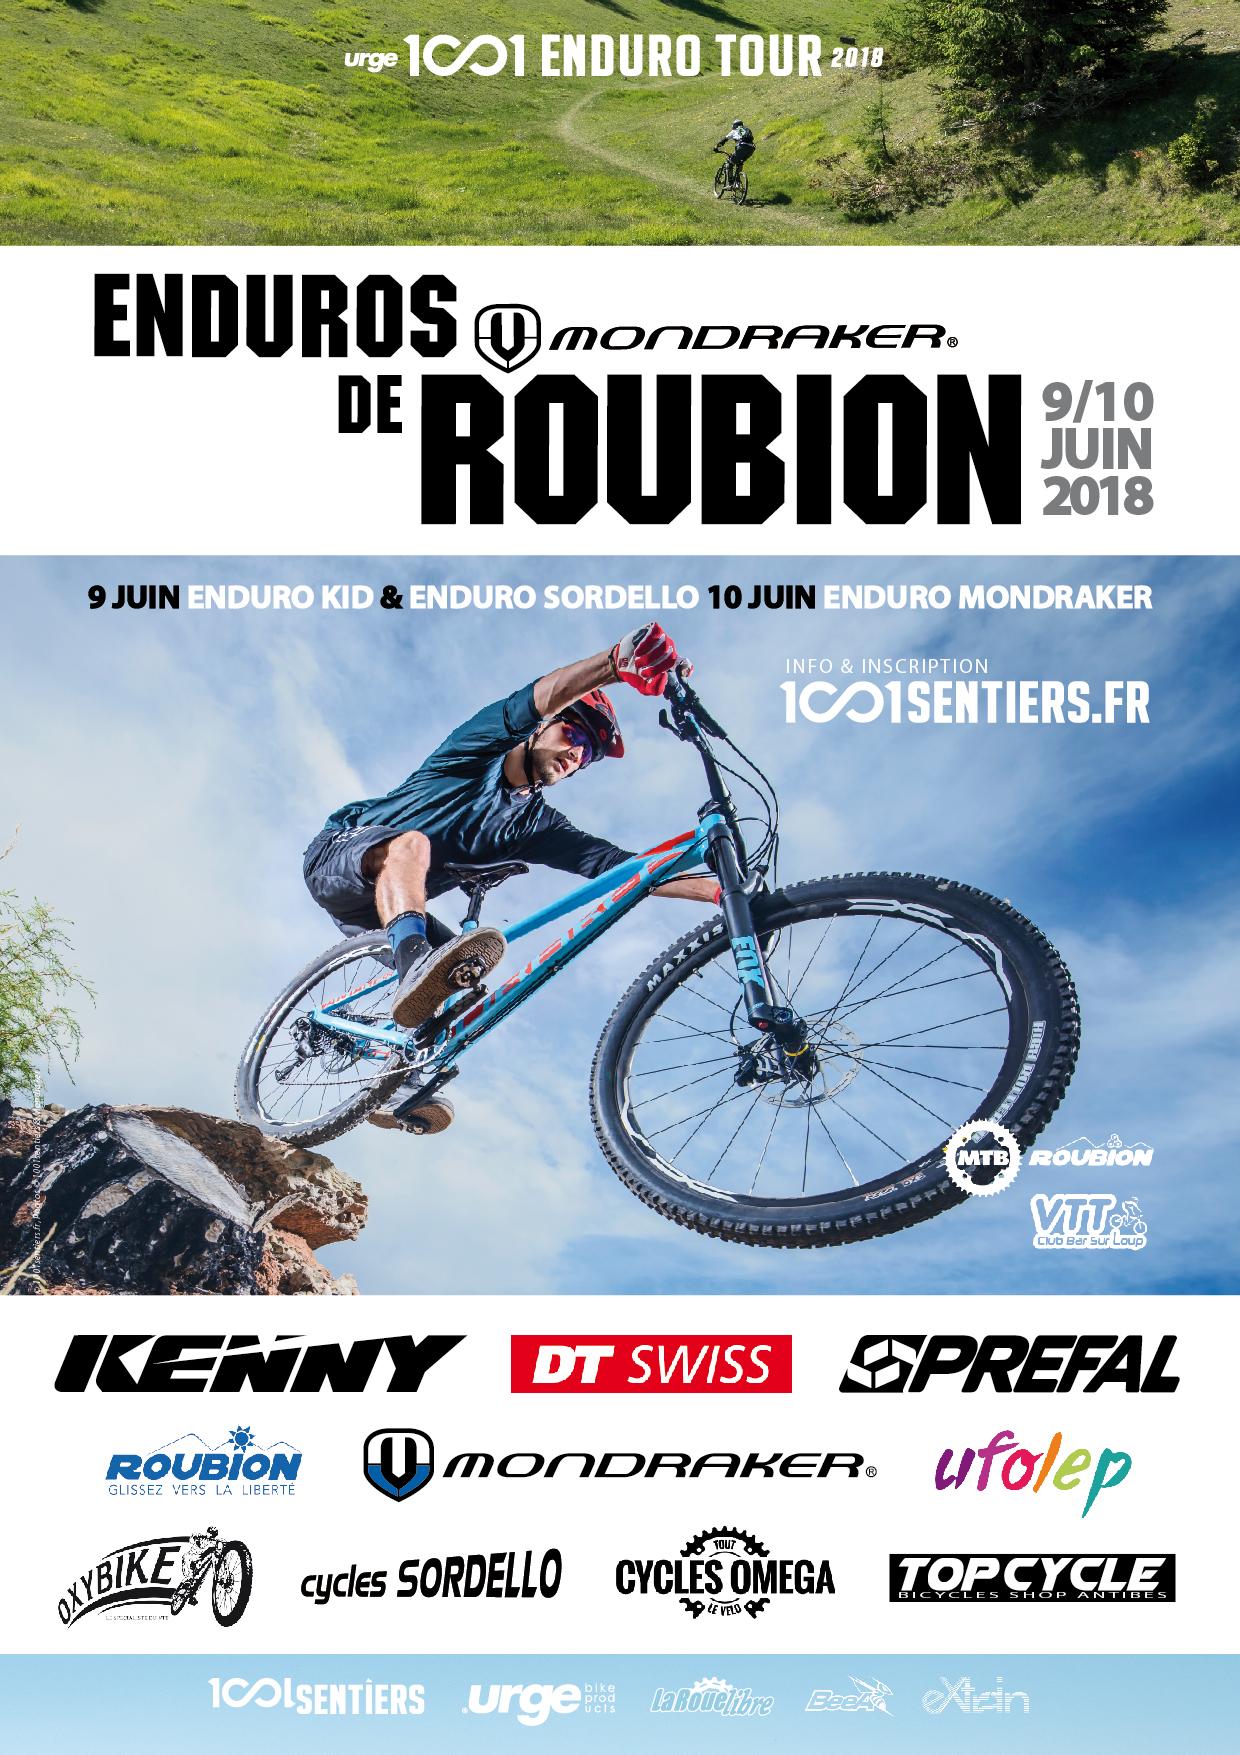 affiche Enduro Roubion 2018_web